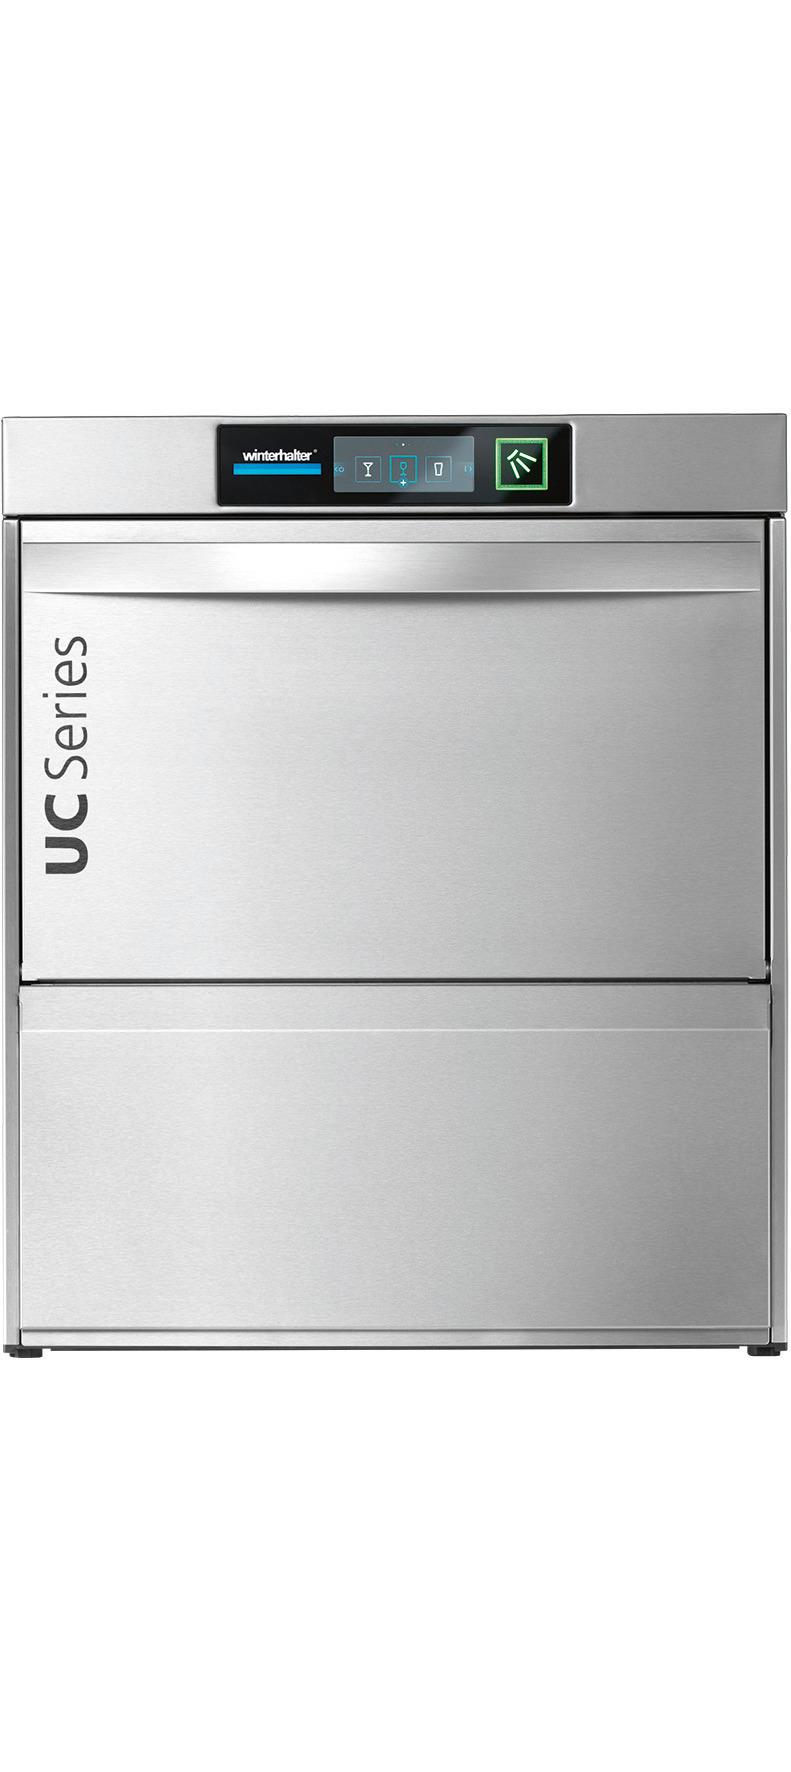 Gläserspülmaschine UC-M / 500 x 500 mm / mit Chemiebehälter / Energy / 400 V